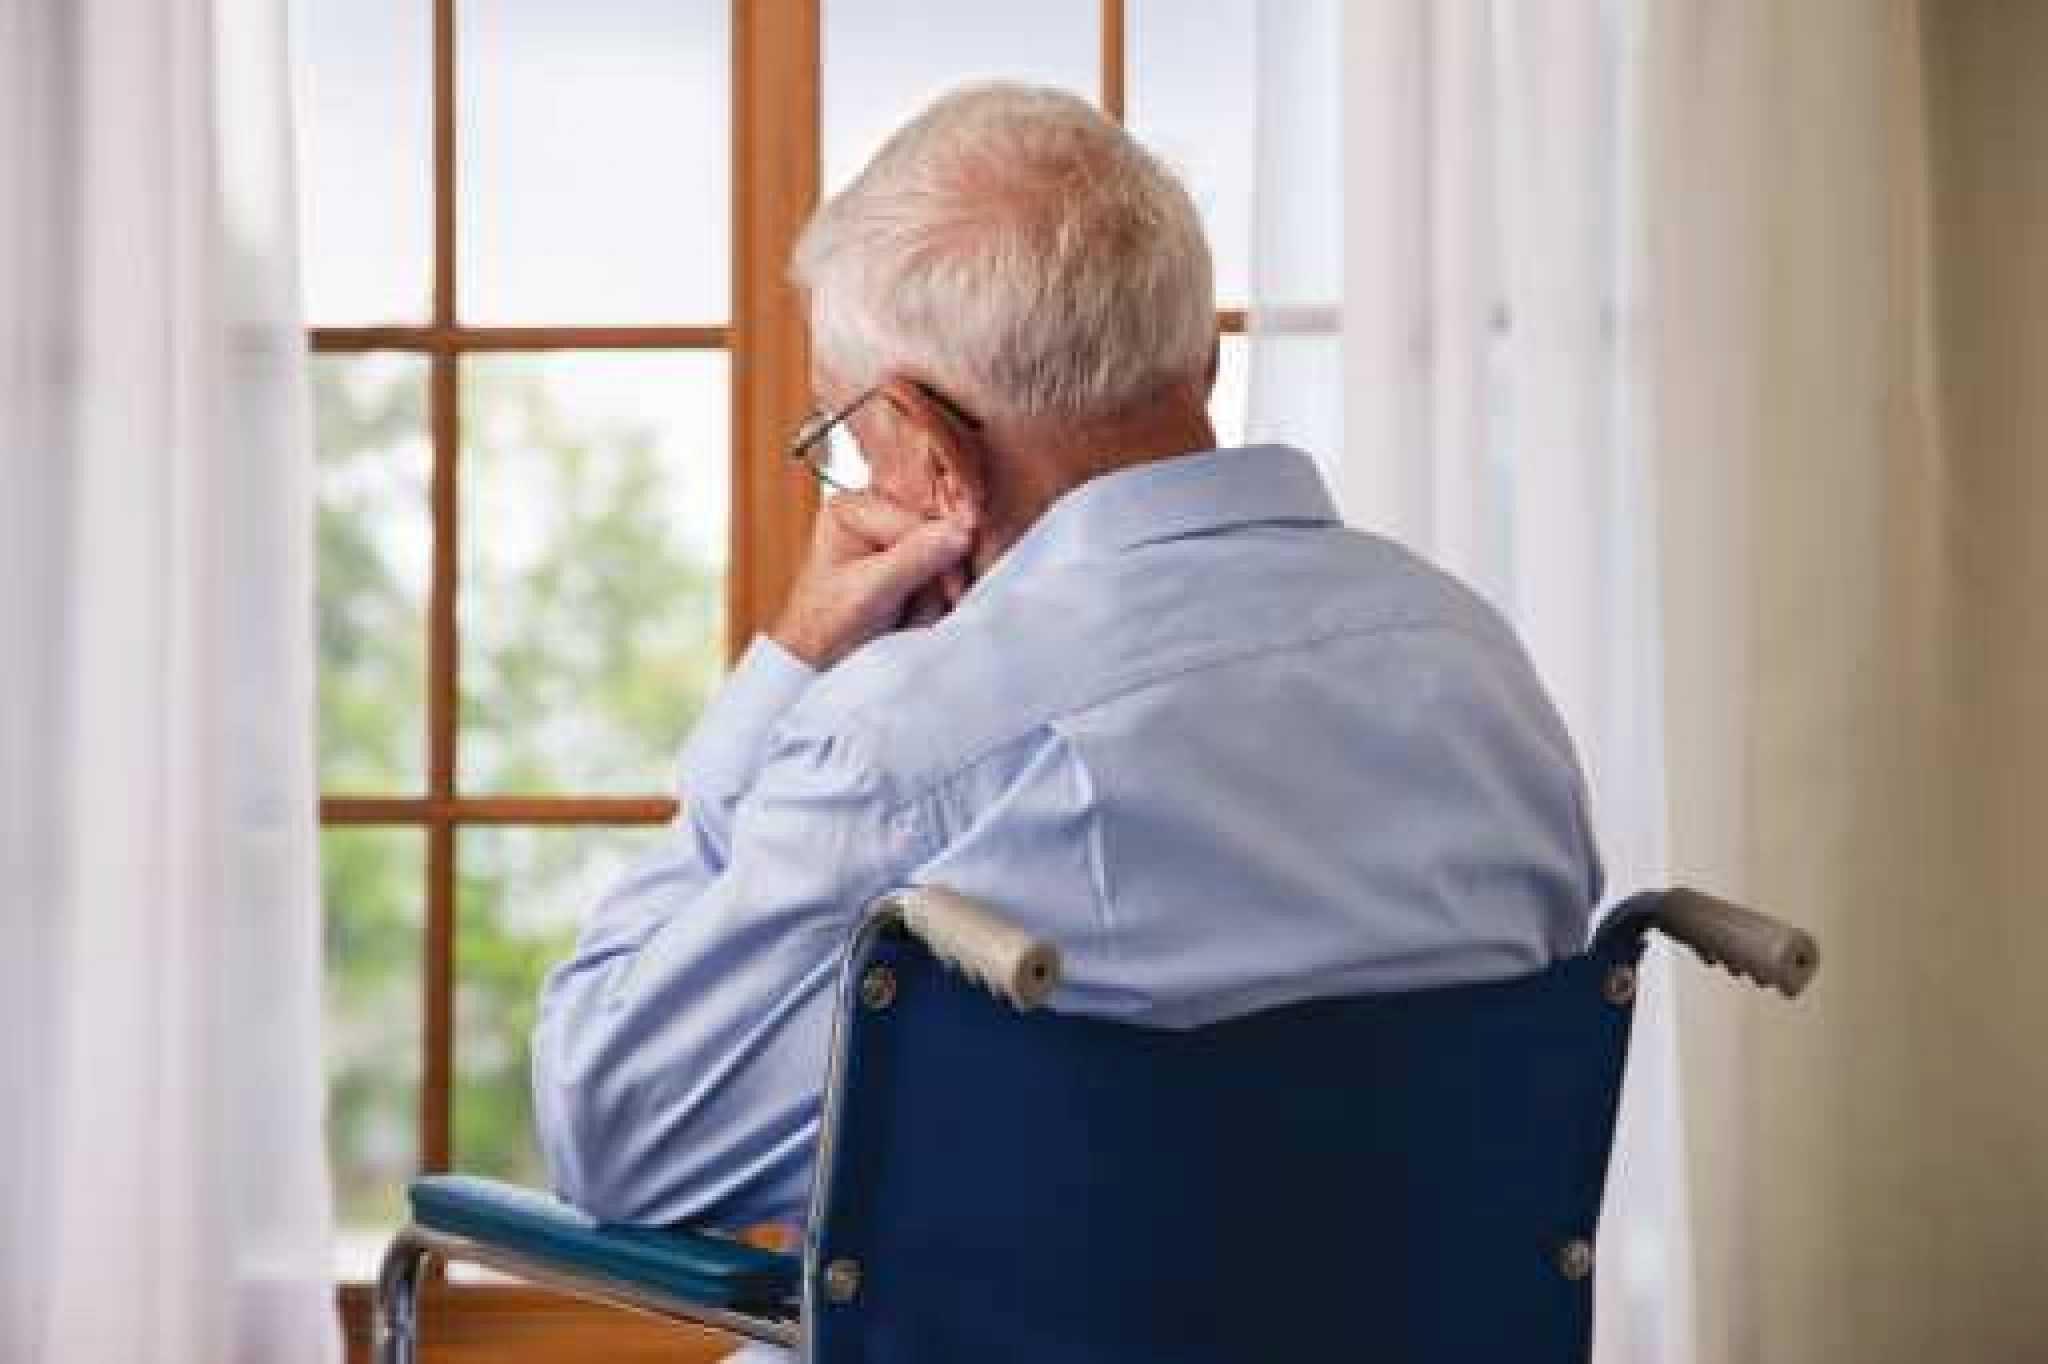 nursing home photo essay